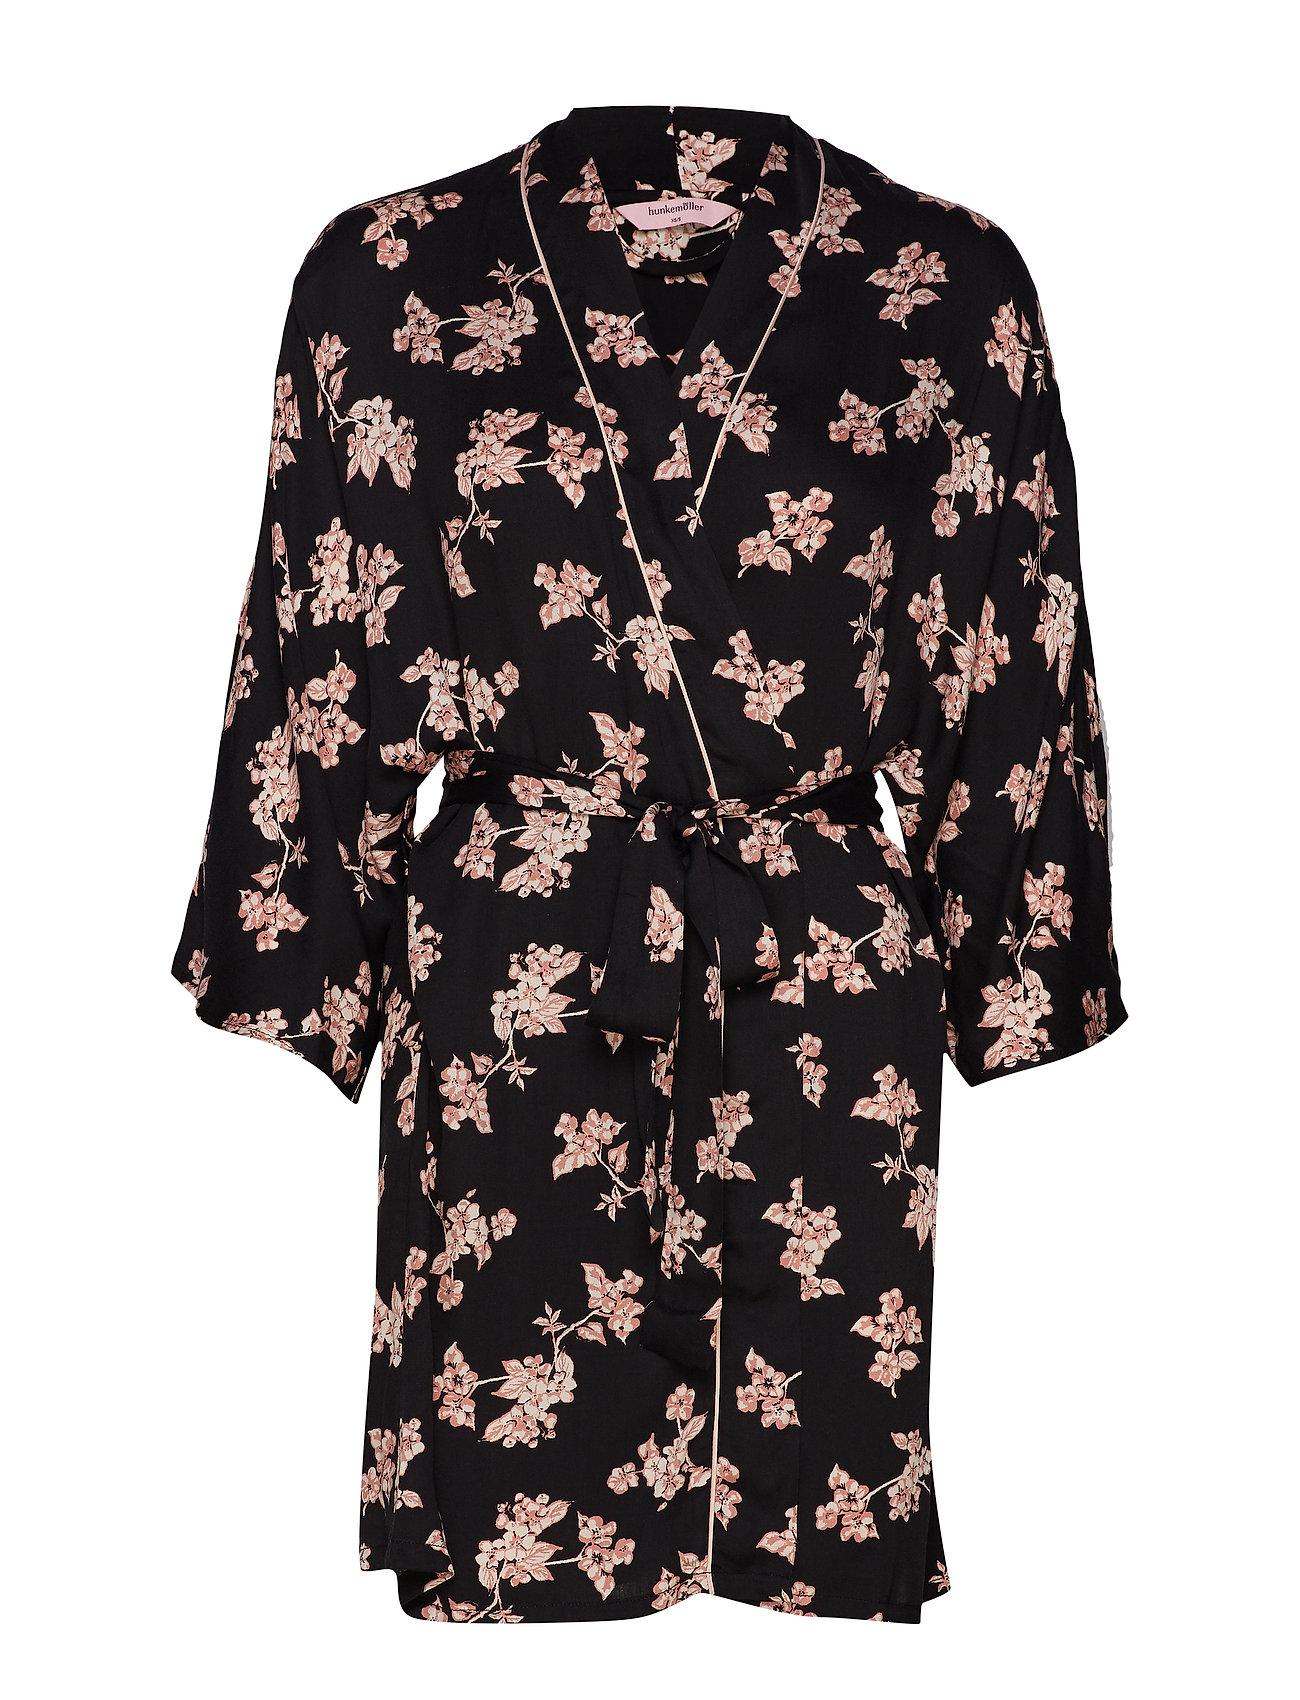 BlossomblackHunkemöller Woven Kimono Kimono Woven BlossomblackHunkemöller Woven Kimono Kimono Woven BlossomblackHunkemöller 5jL3AR4